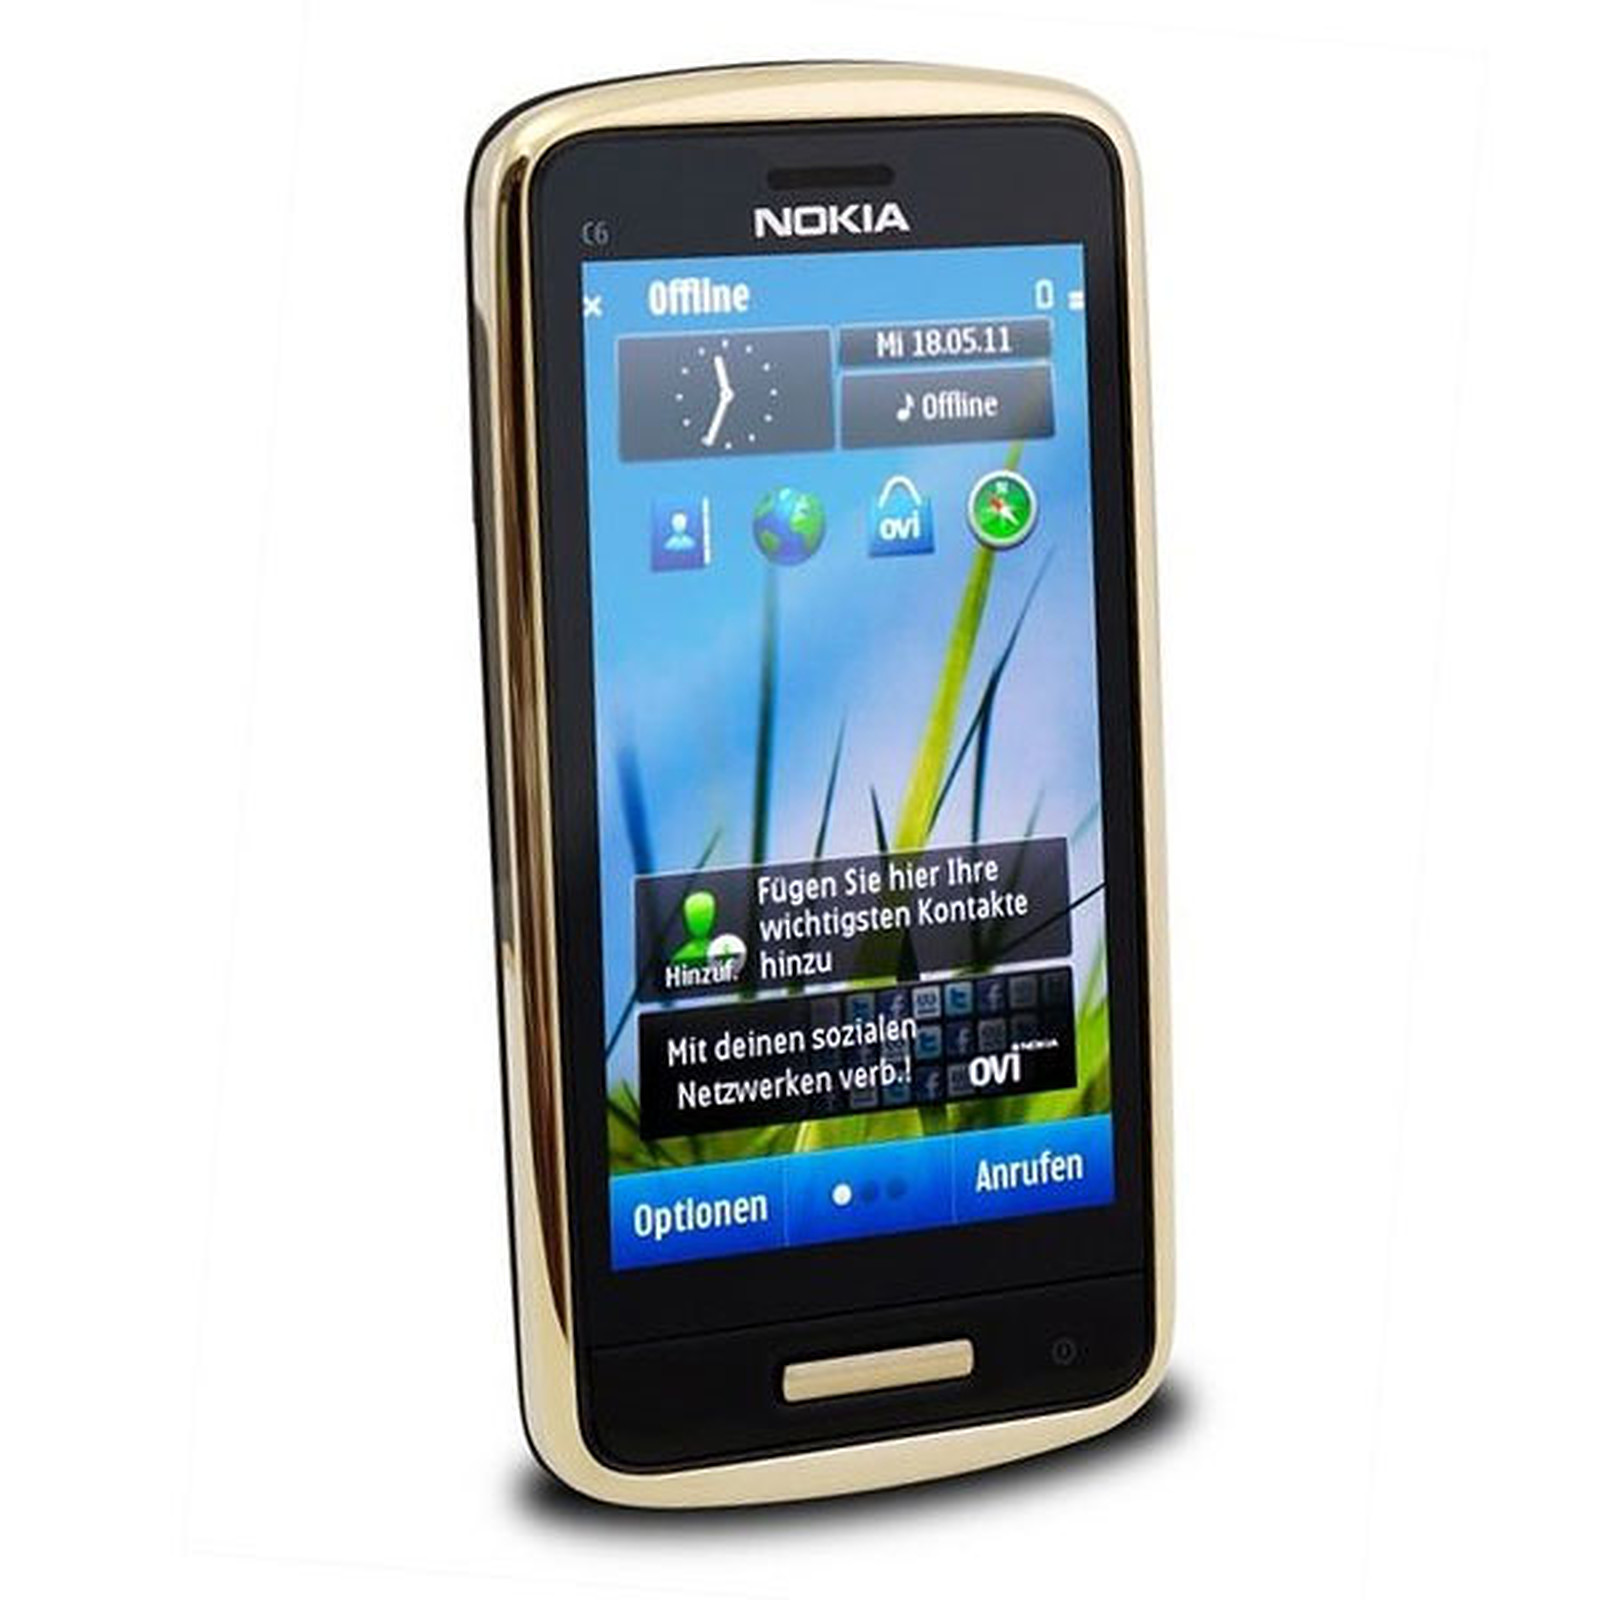 Nokia C6-01 Or